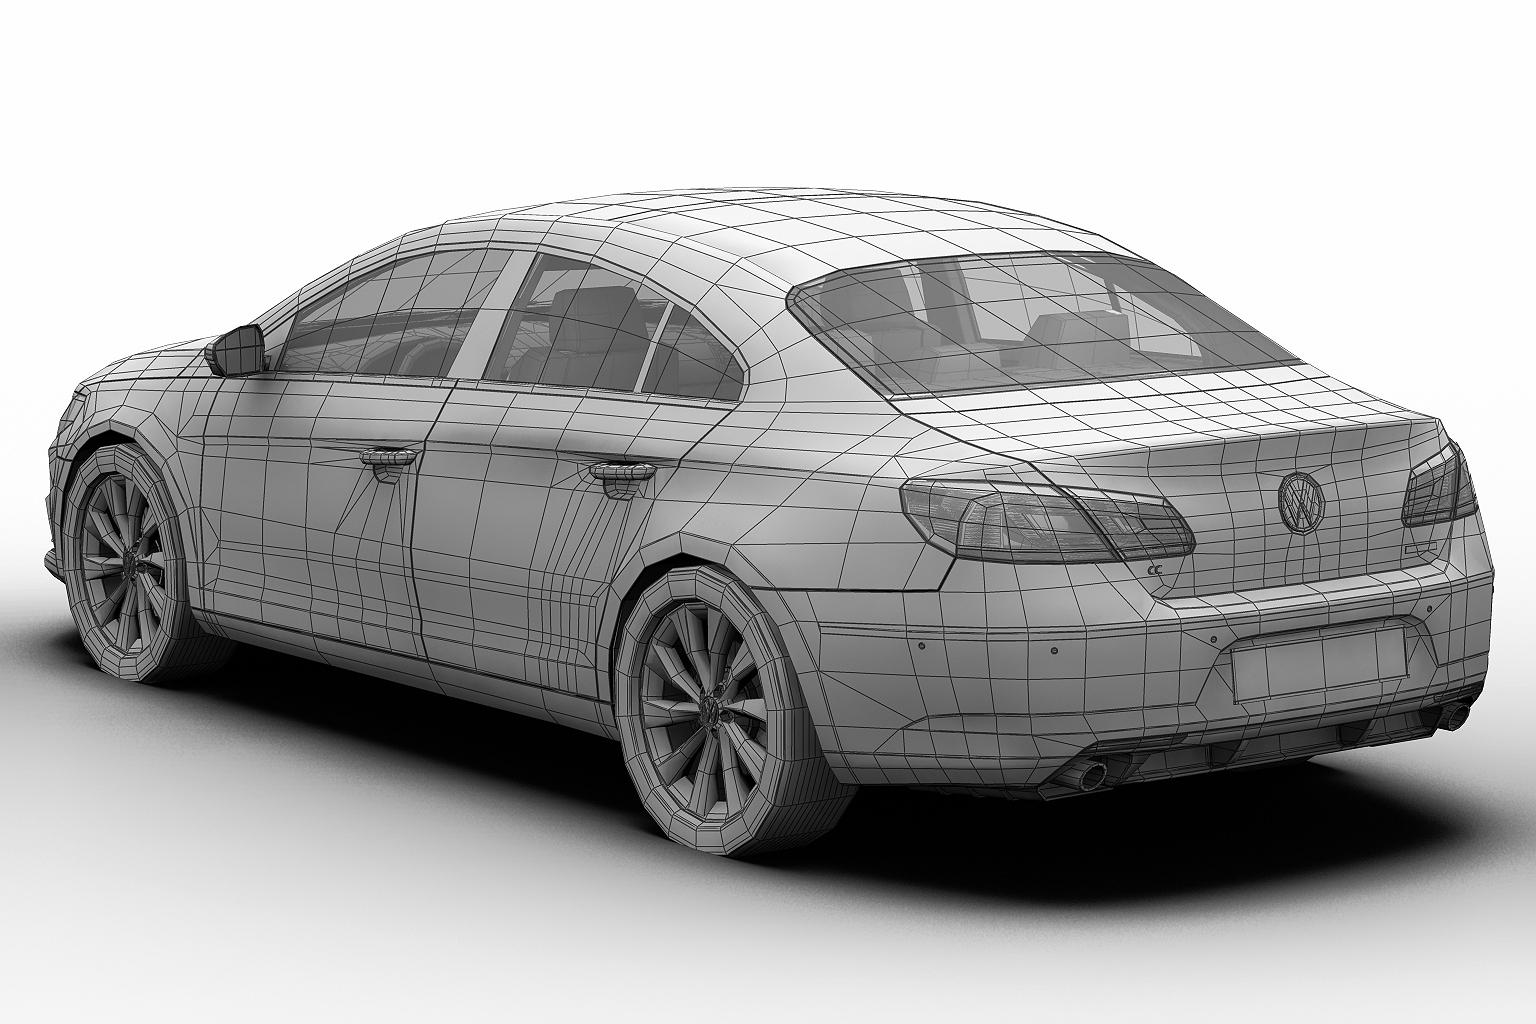 2013 volkswagen cc 3d model 3ds max fbx c4d lwo hrc xsi obj 136225